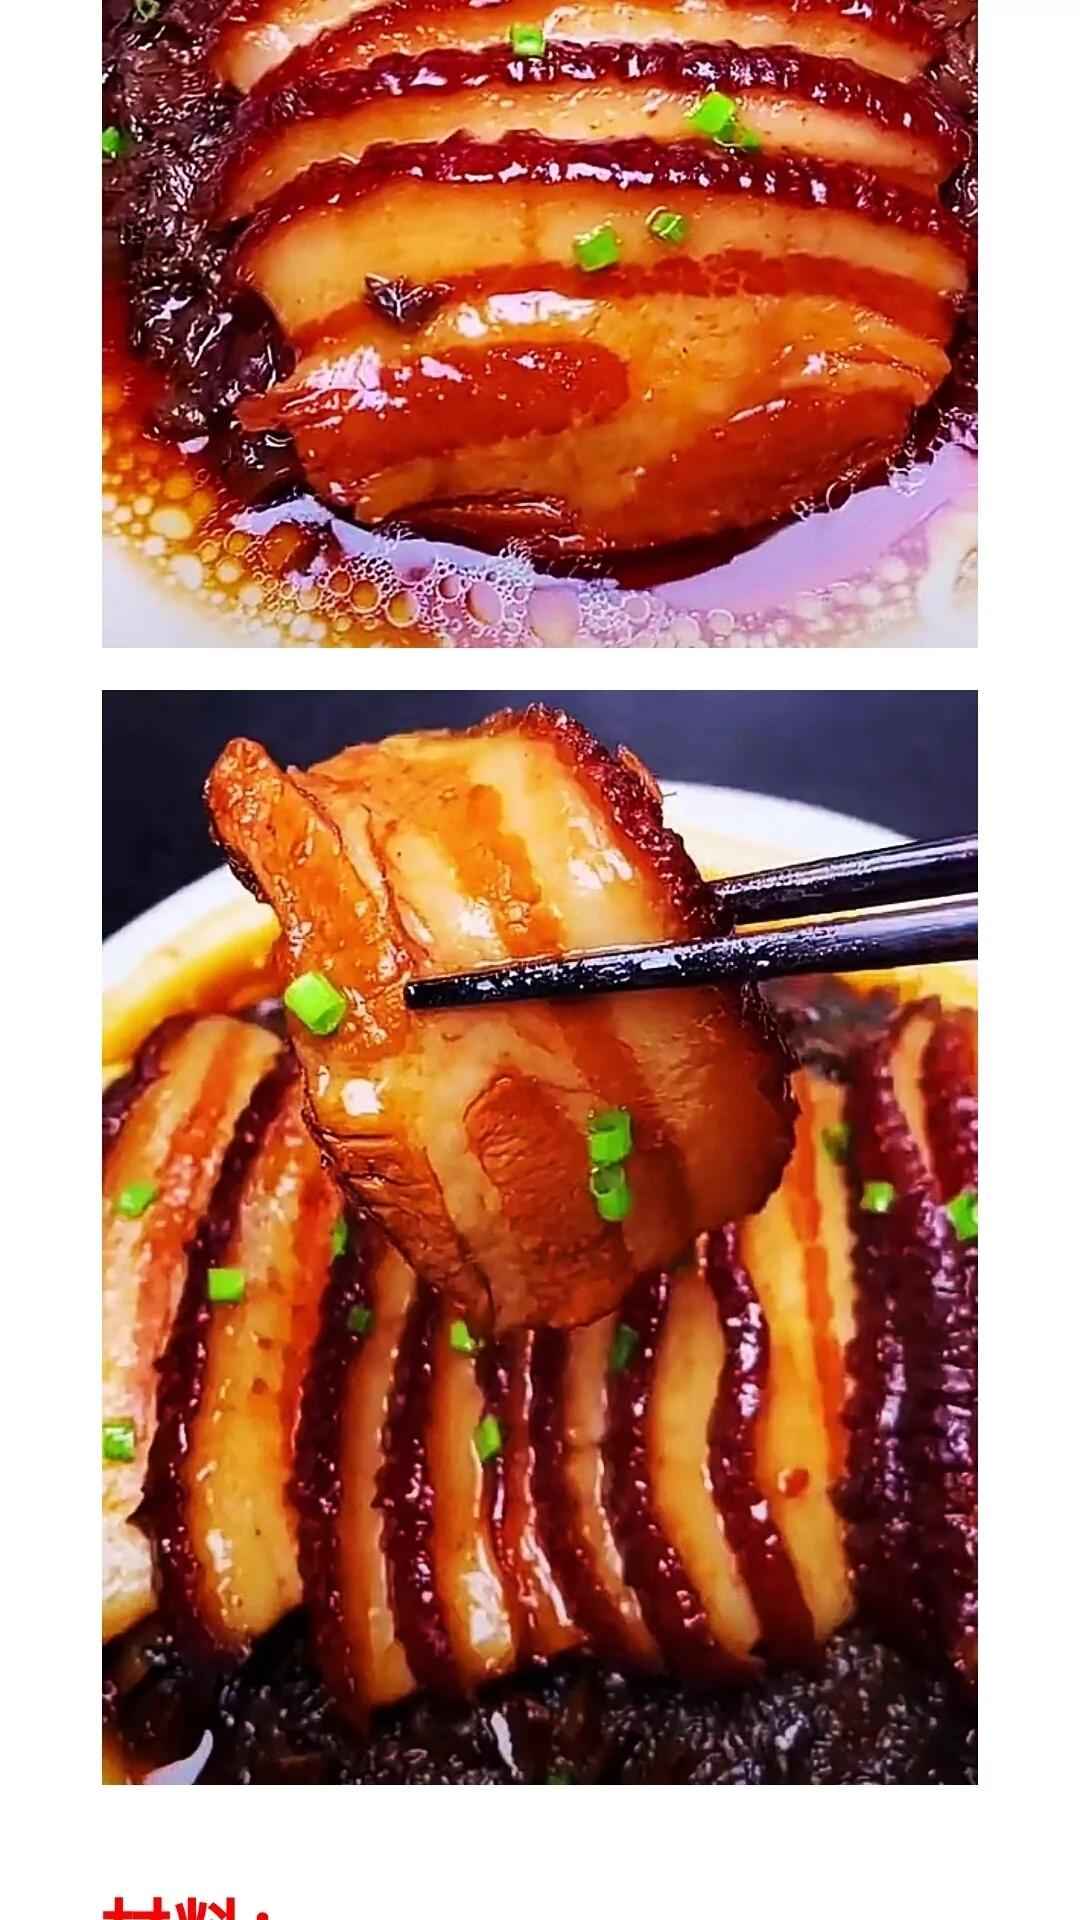 家常扣肉做法及配料 美食做法 第14张